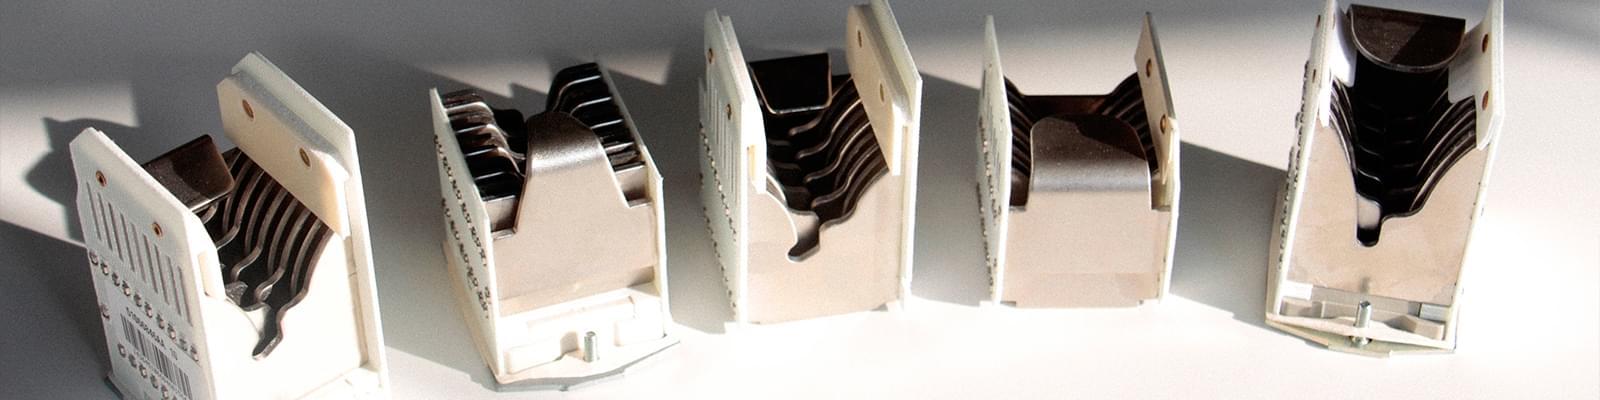 assemblage de composants m talliques minifaber. Black Bedroom Furniture Sets. Home Design Ideas